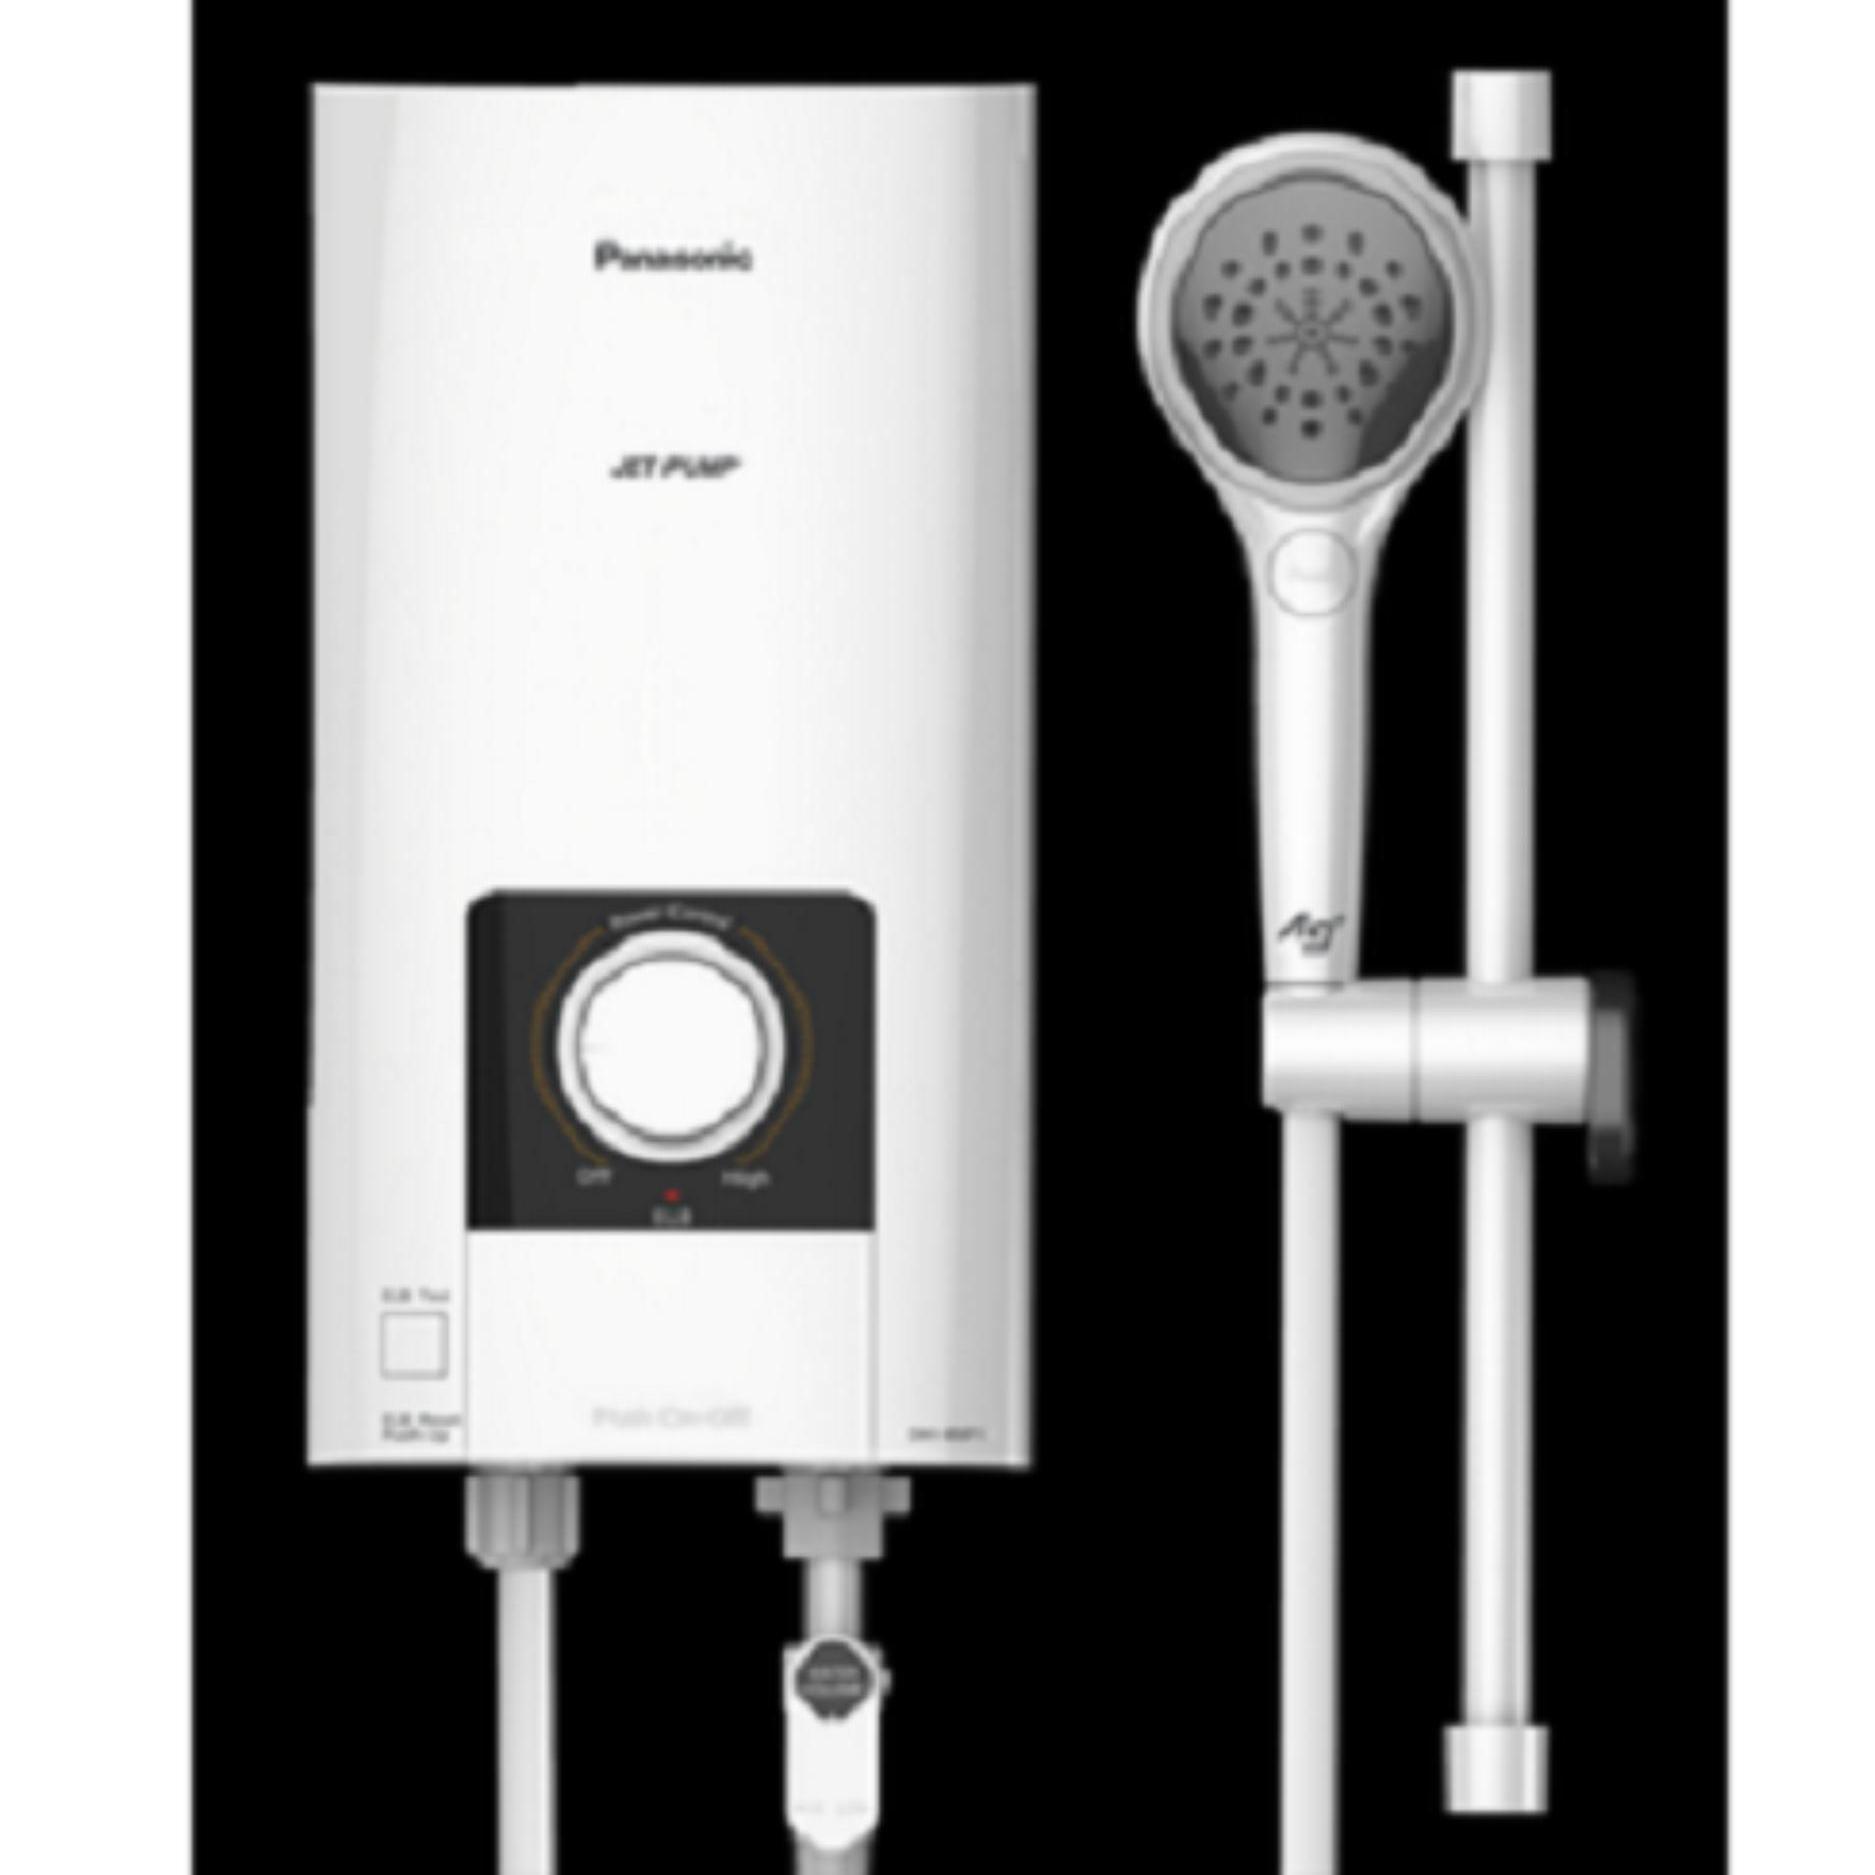 Bảng giá Máy nước nóng Panasonic DH-4NP1VW